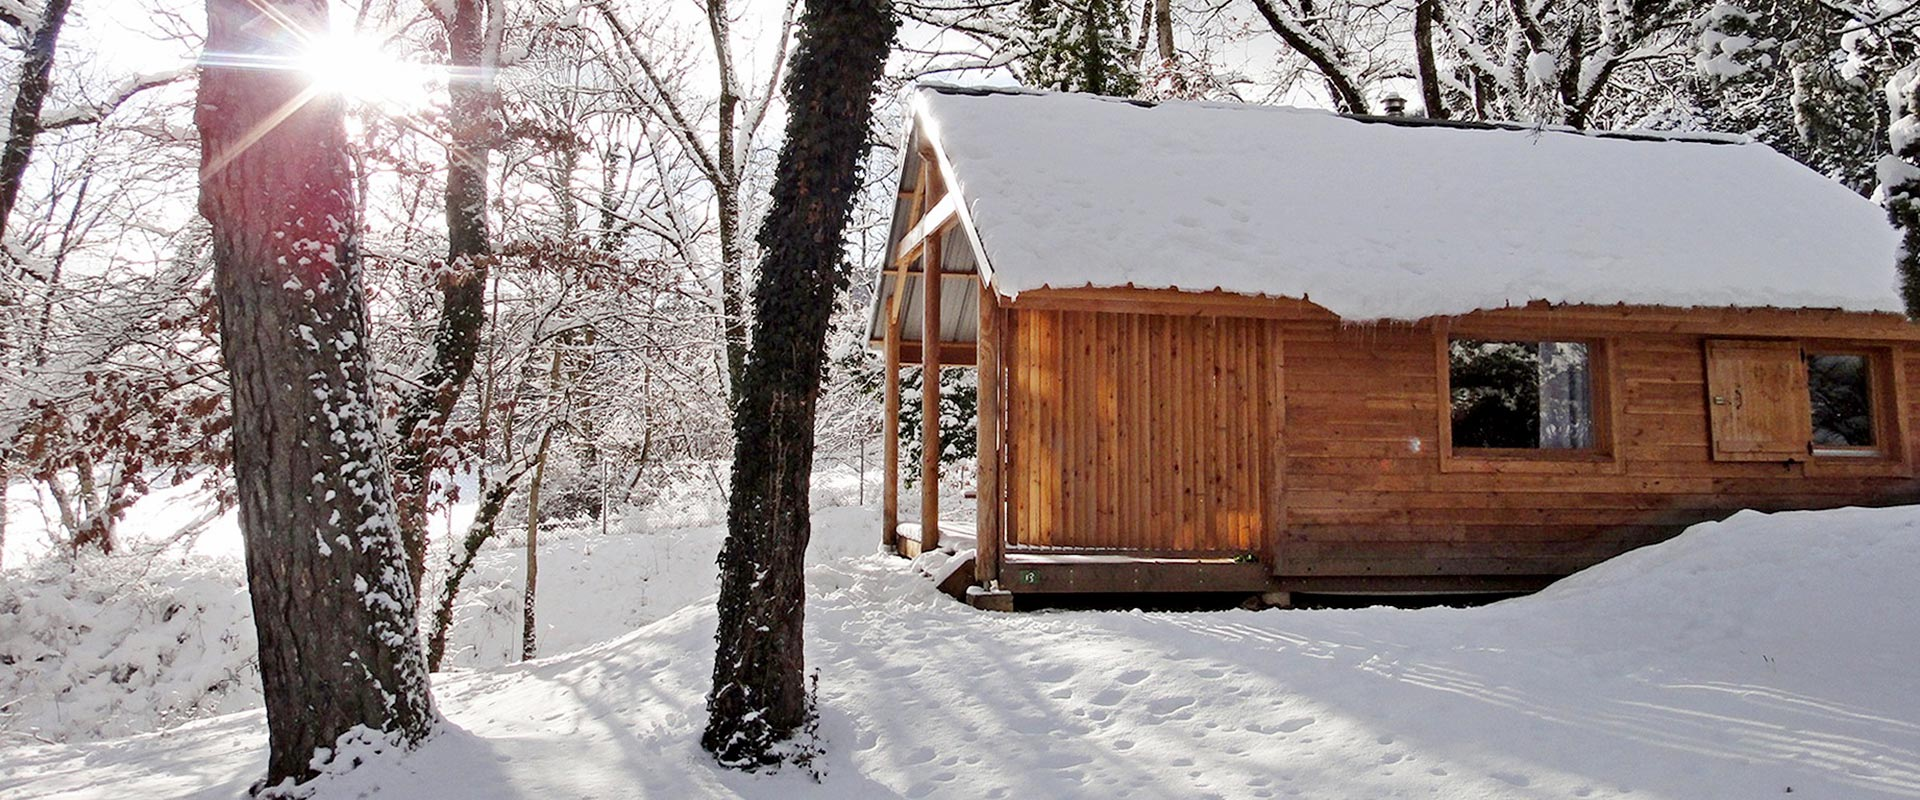 Camping Huttopia Divonne les Bains mein-PLATZ